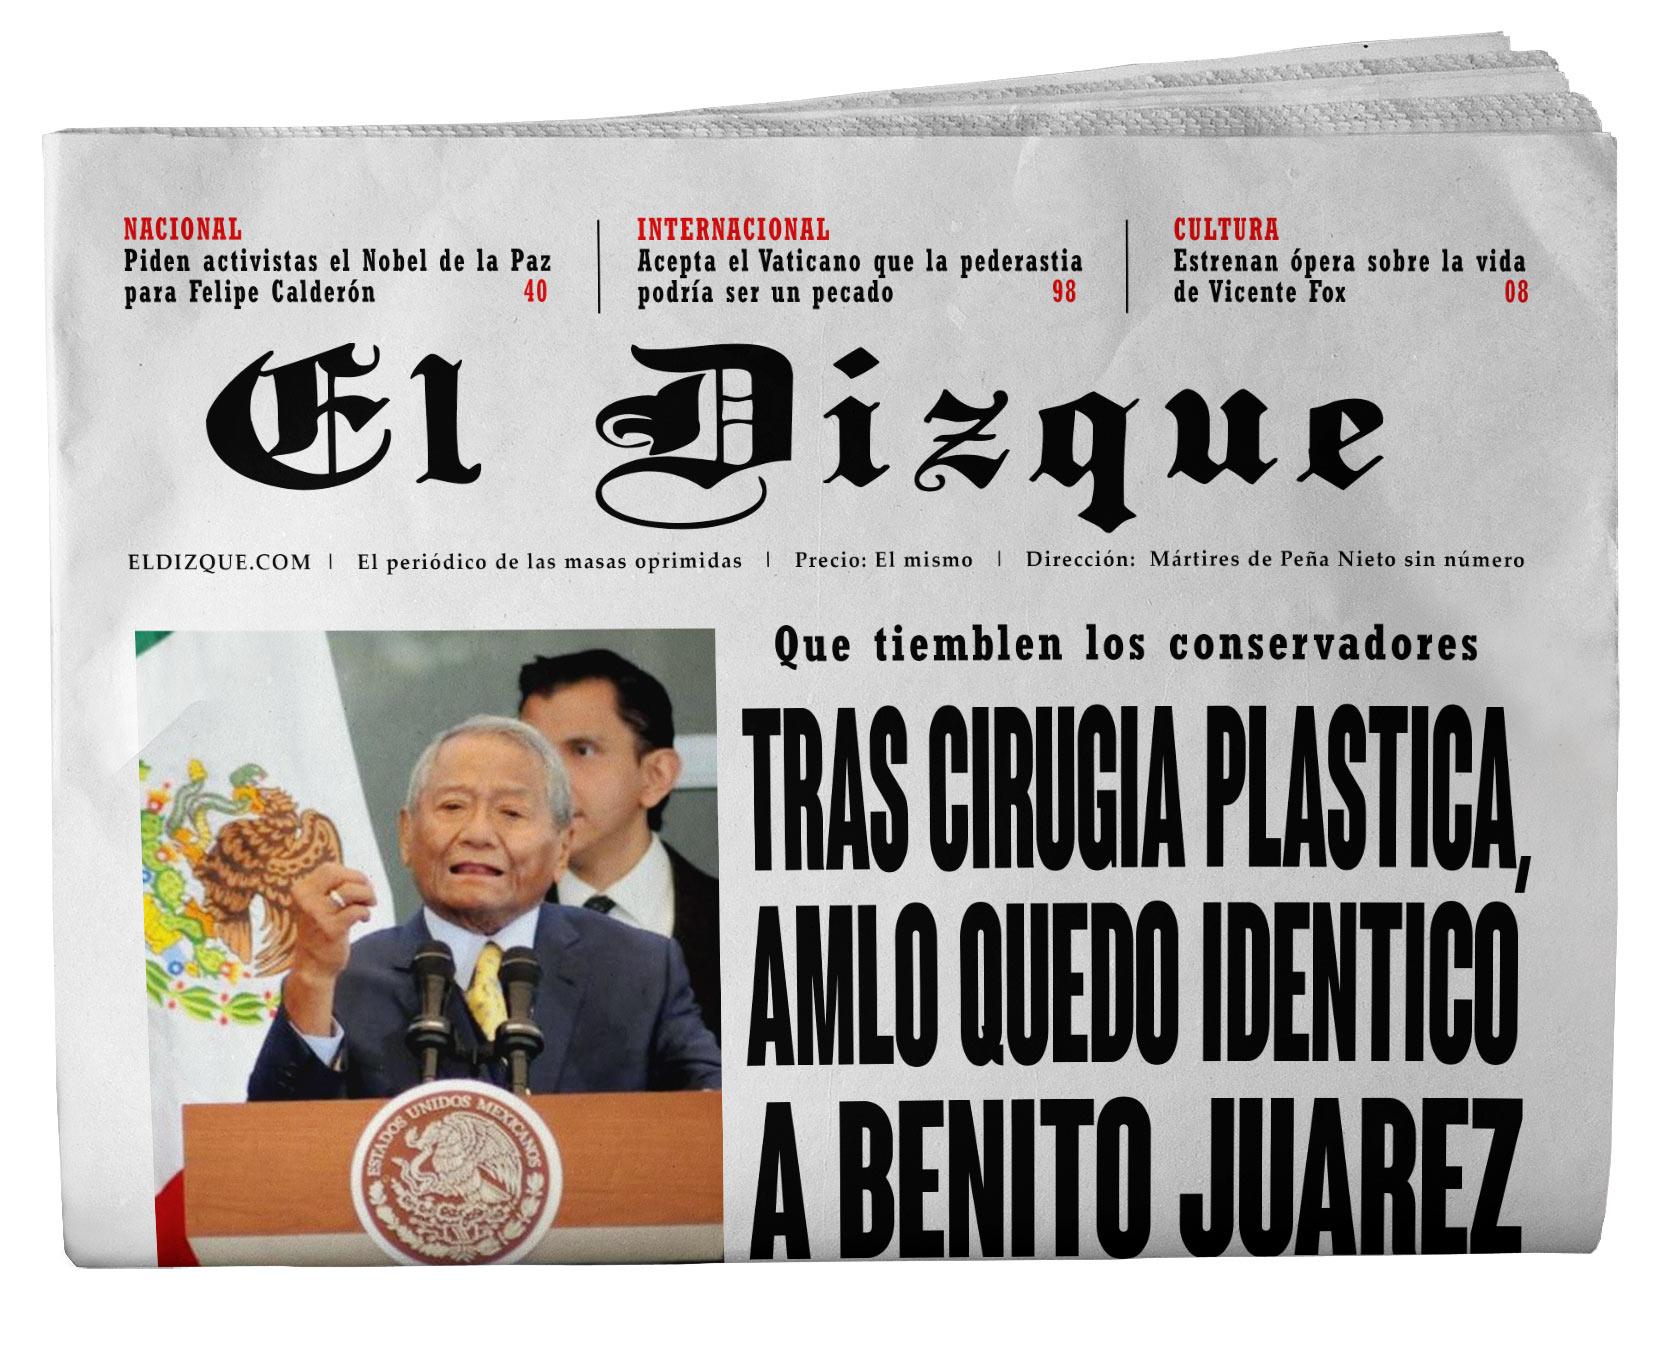 Tras cirugía plástica, AMLO quedó idéntico a Benito Juárez